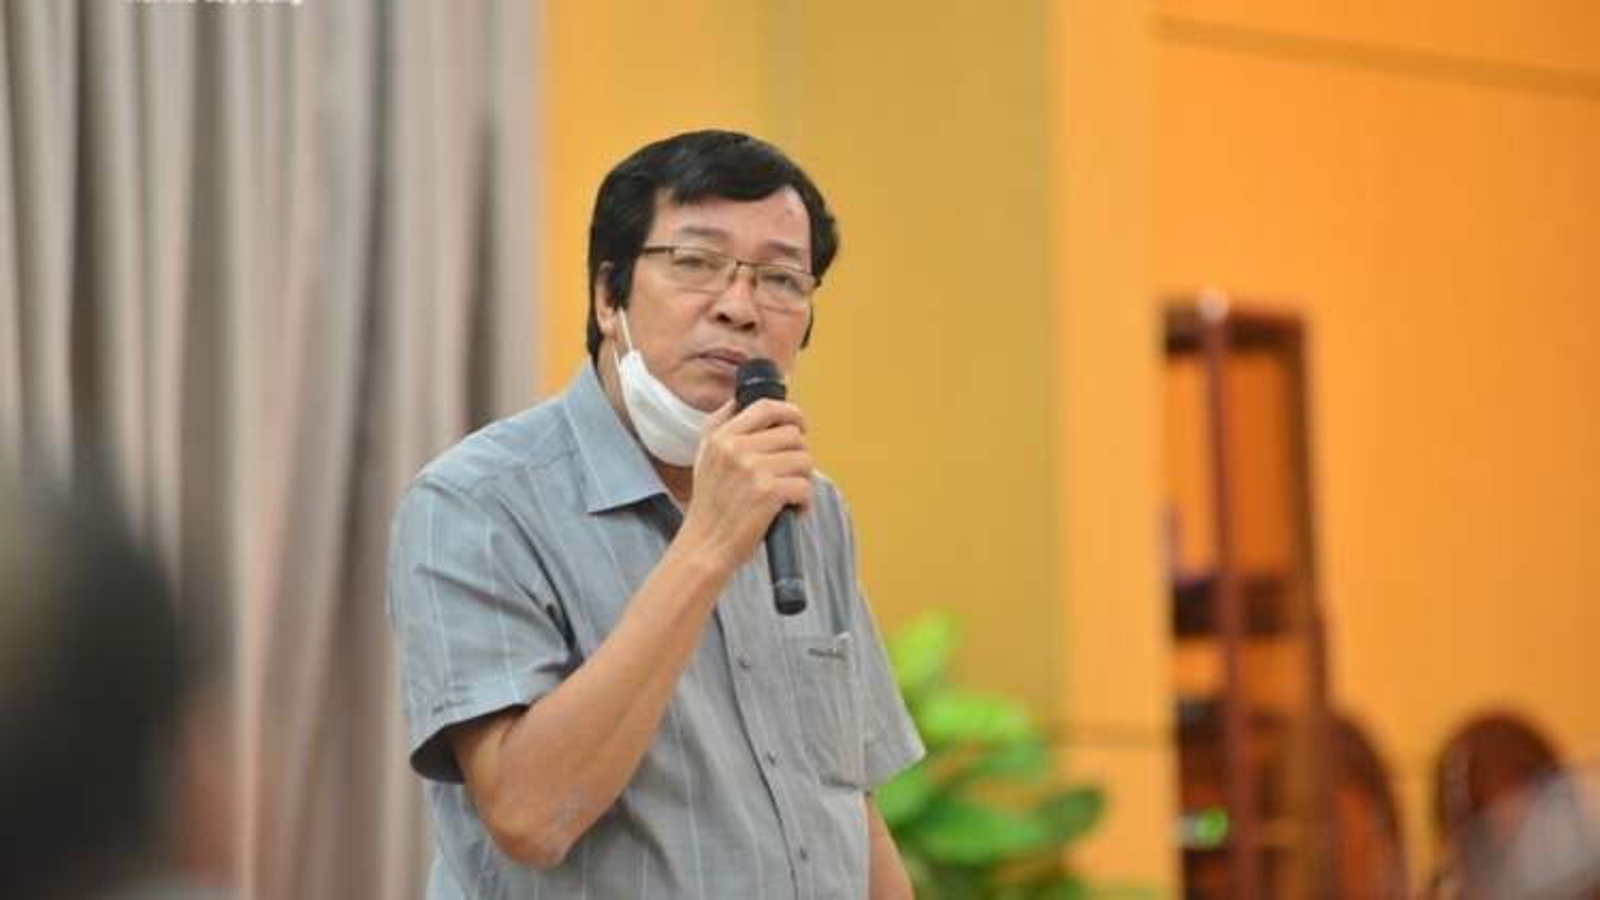 Không đủ tuổi tái cử, tái bổ nhiệm, 4 giám đốc Sở ở Quảng Ngãi nghỉ công tác